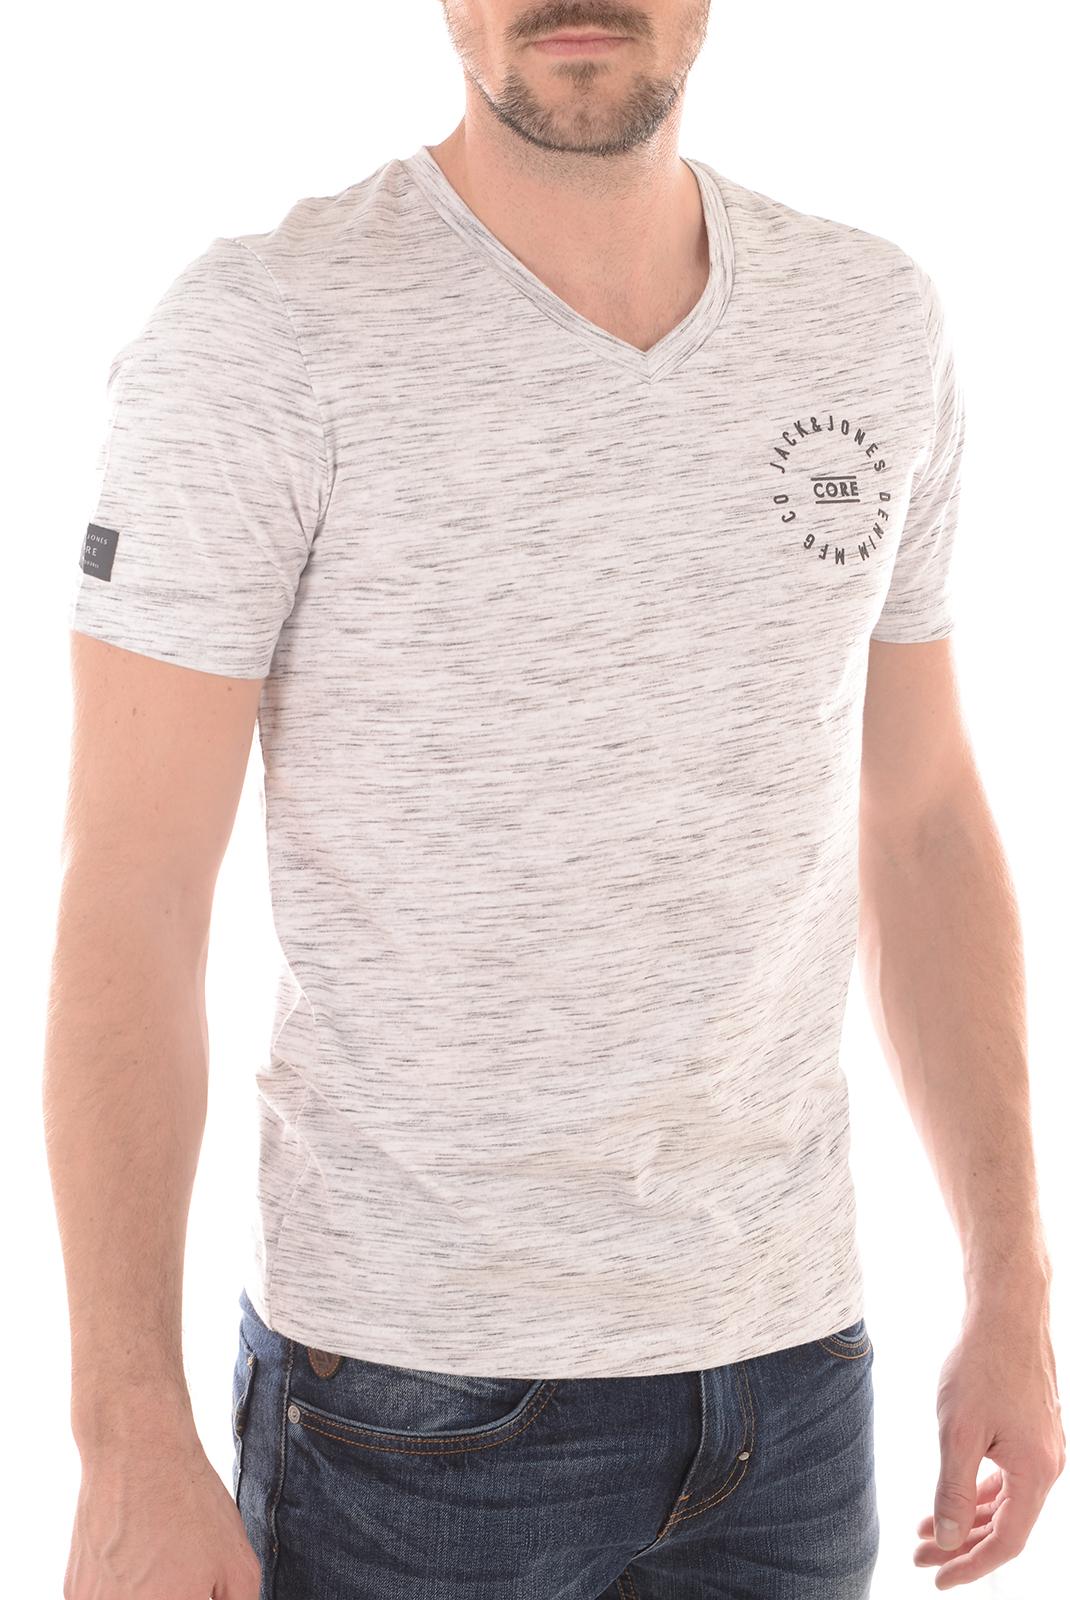 Image du produit Tee-shirts Jack And Jones Homme Xs,s,m,l,xl